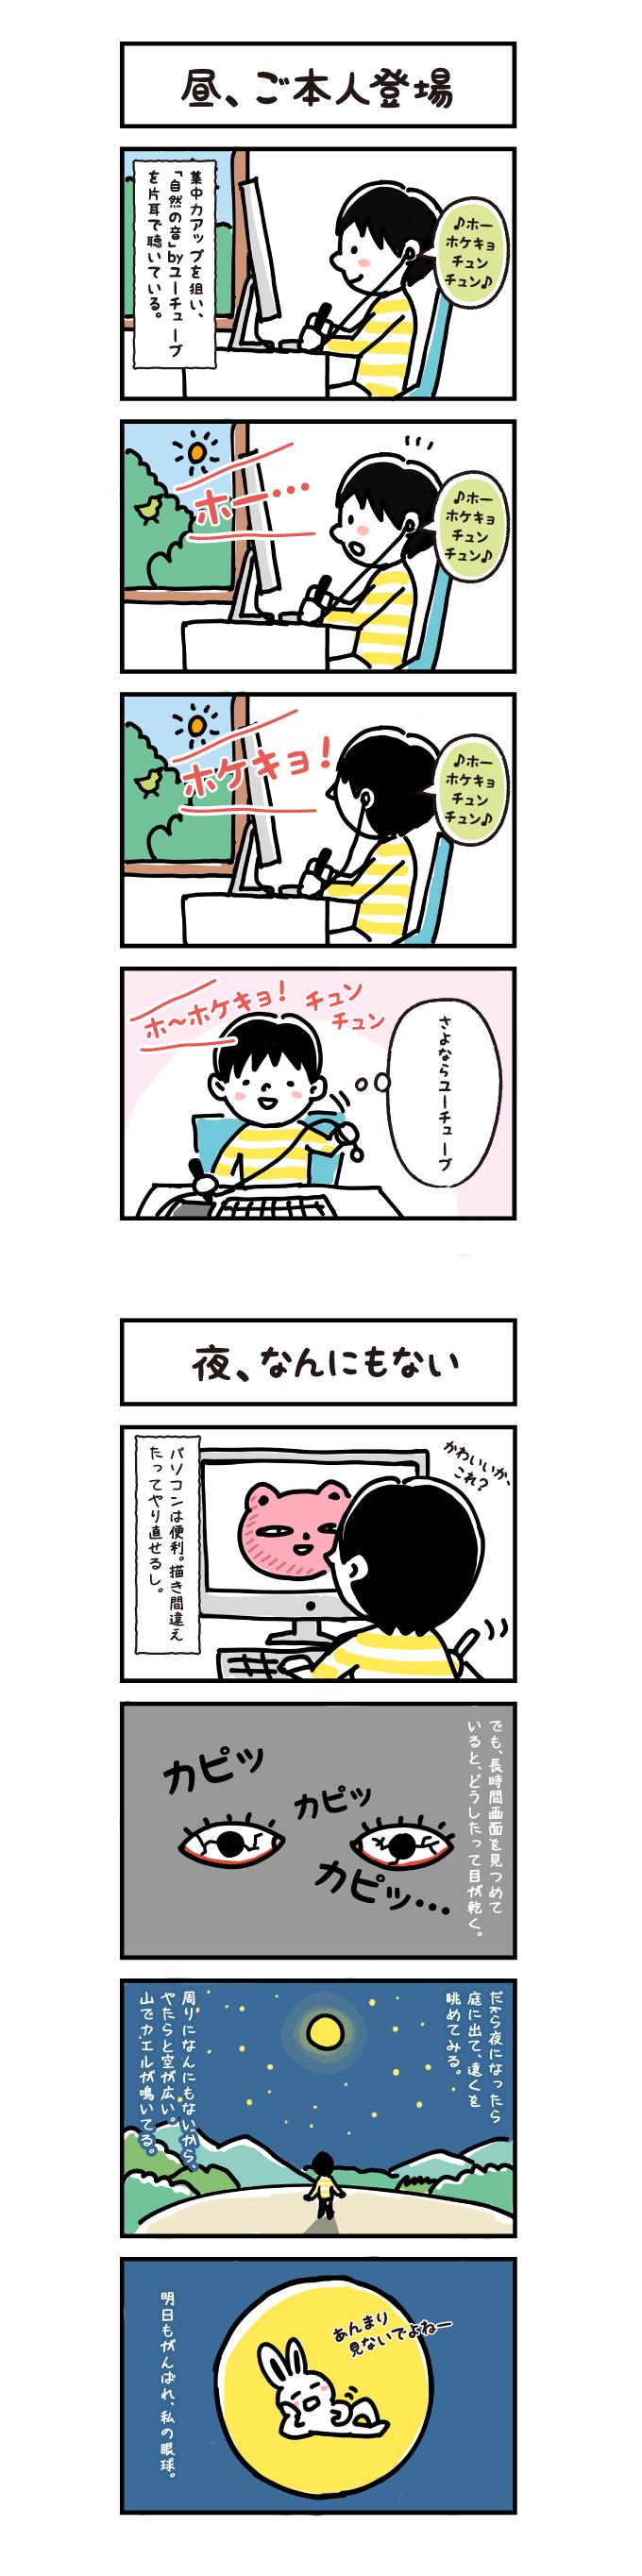 A191-2 田舎暮らし在宅勤務の漫画